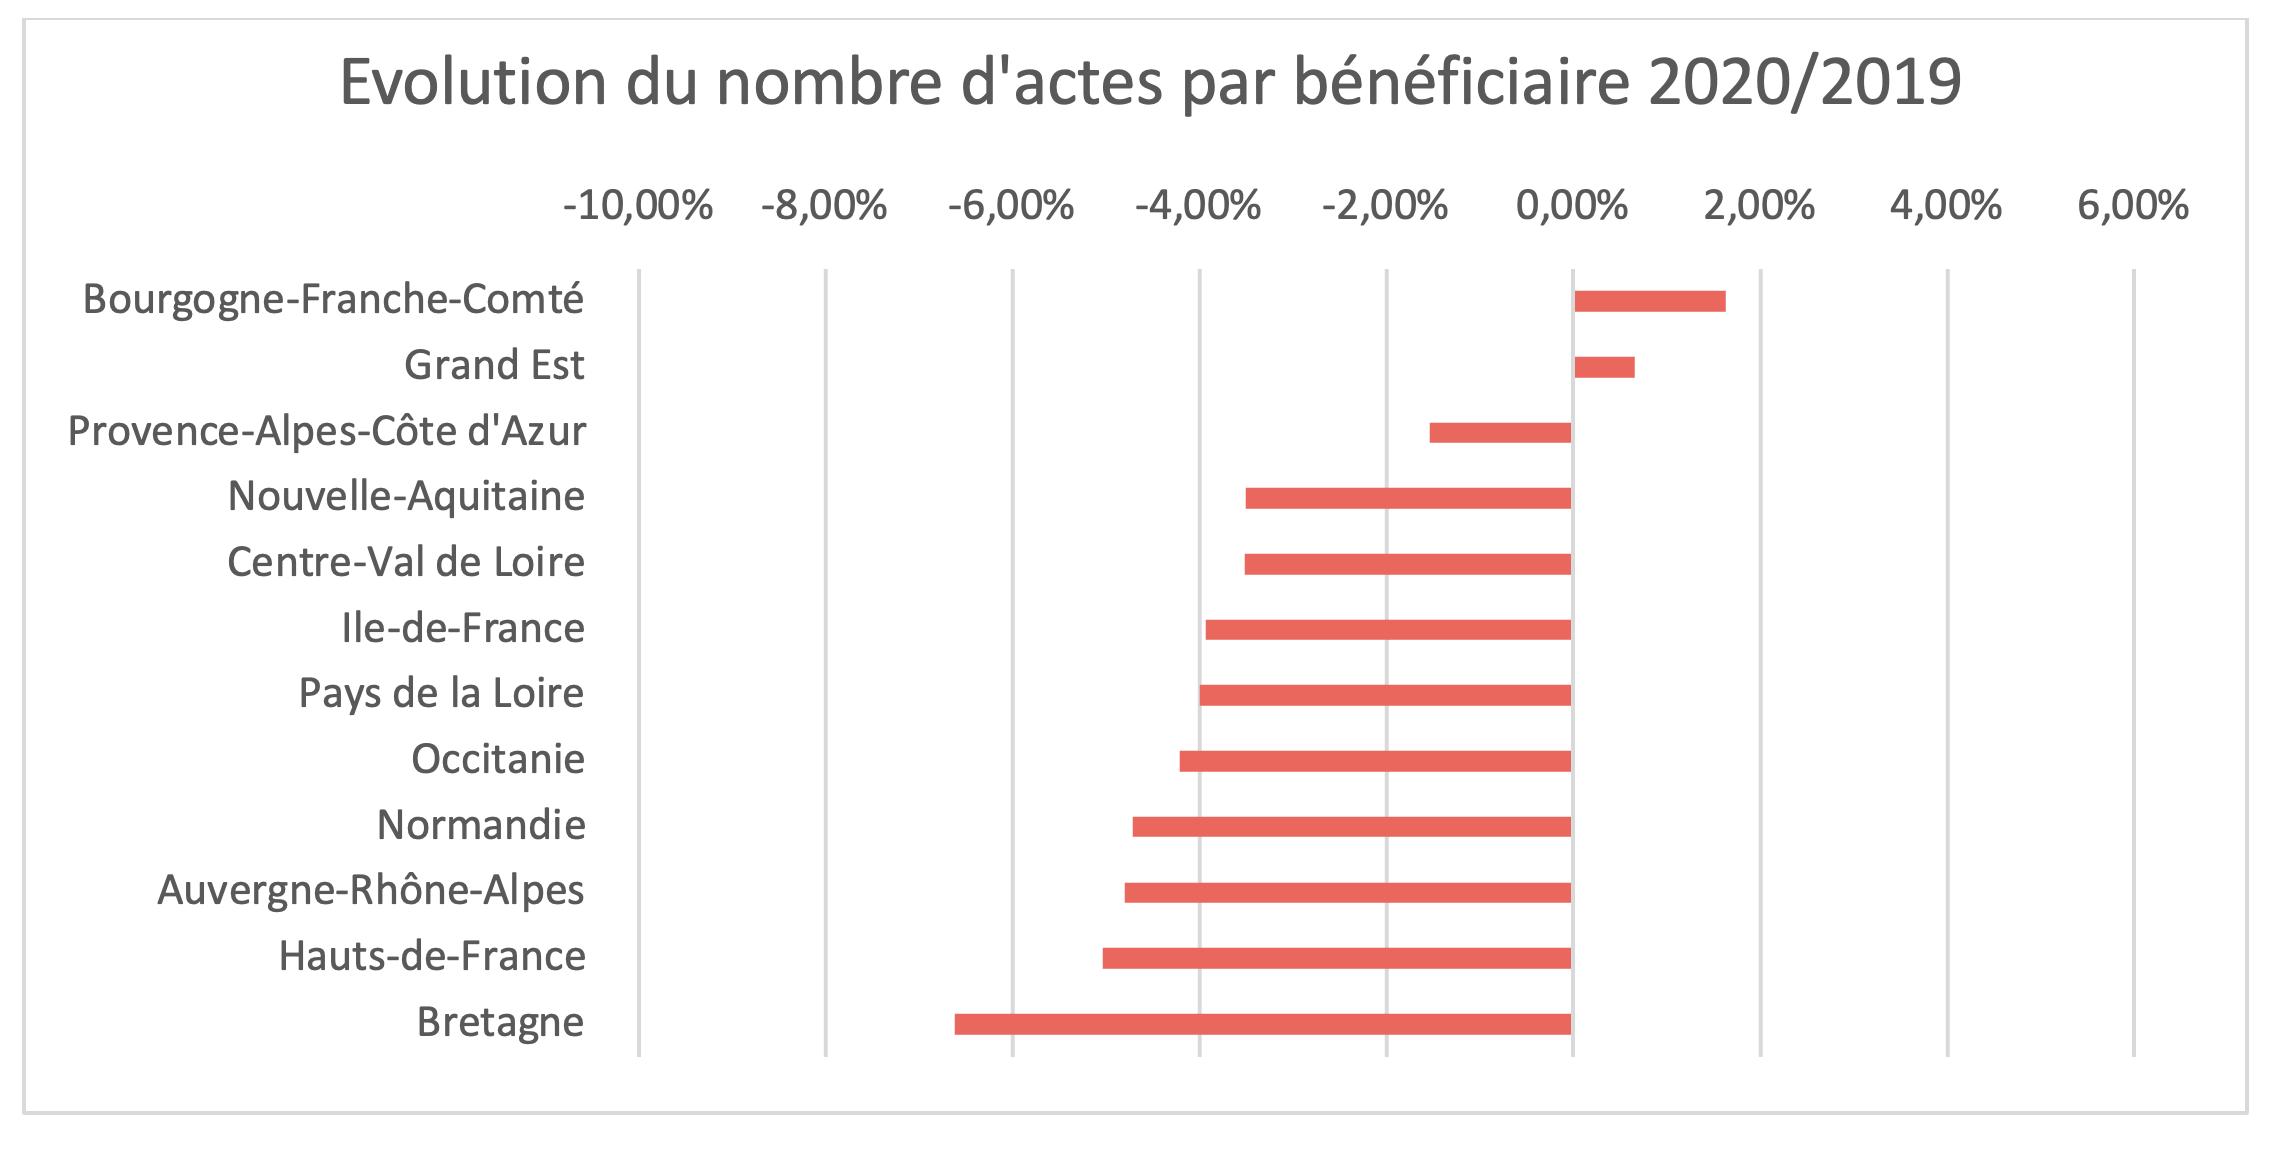 100 % Santé - Évolution du nombre d'actes 2020-2019 par bénéficiaire